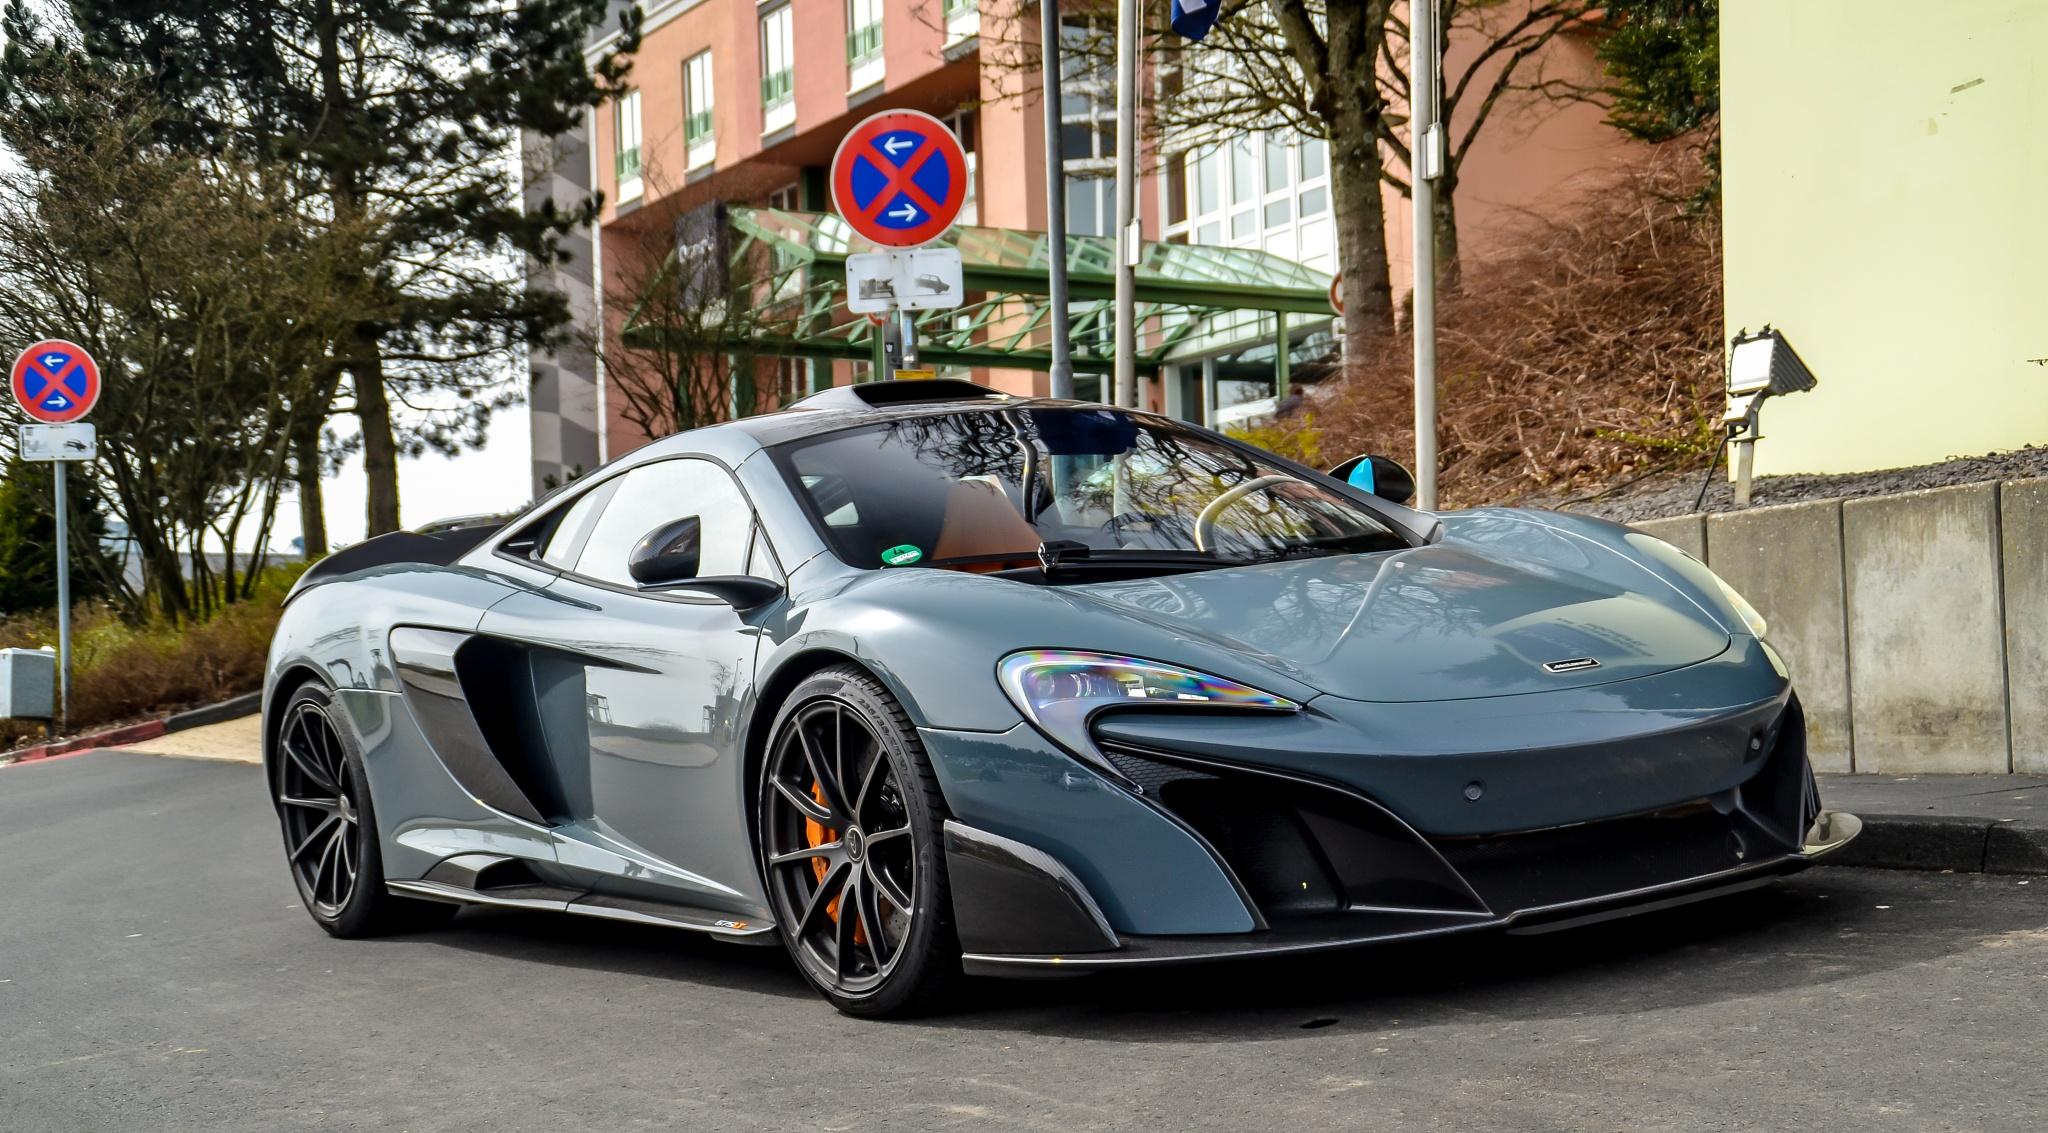 McLaren 675 LT by TheHogrebe